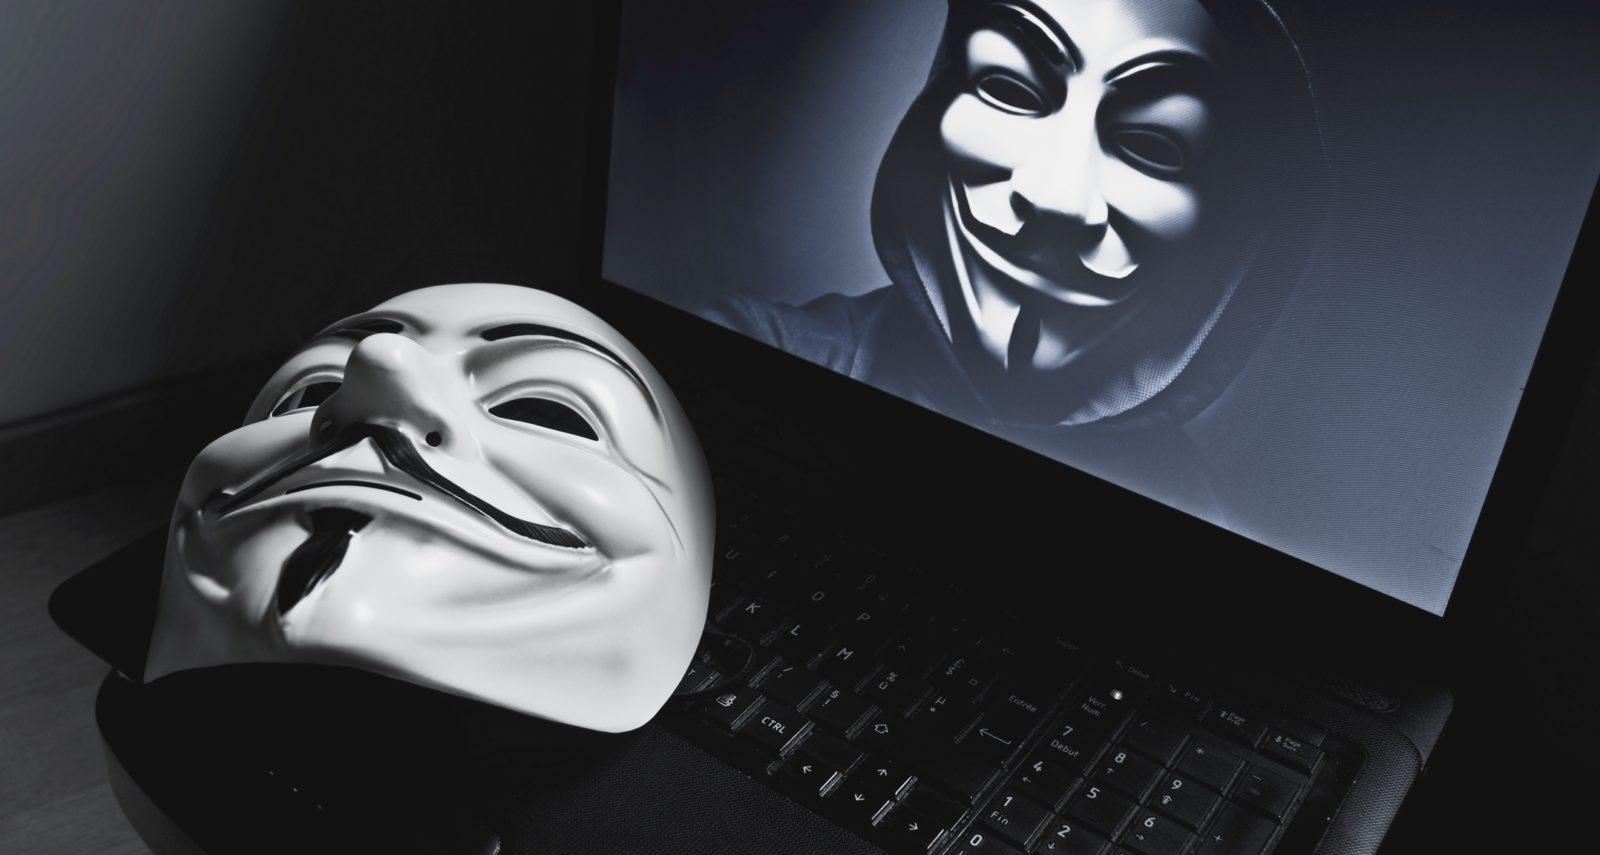 Как скрыть настоящий IP-адрес во время серфинга в интернете